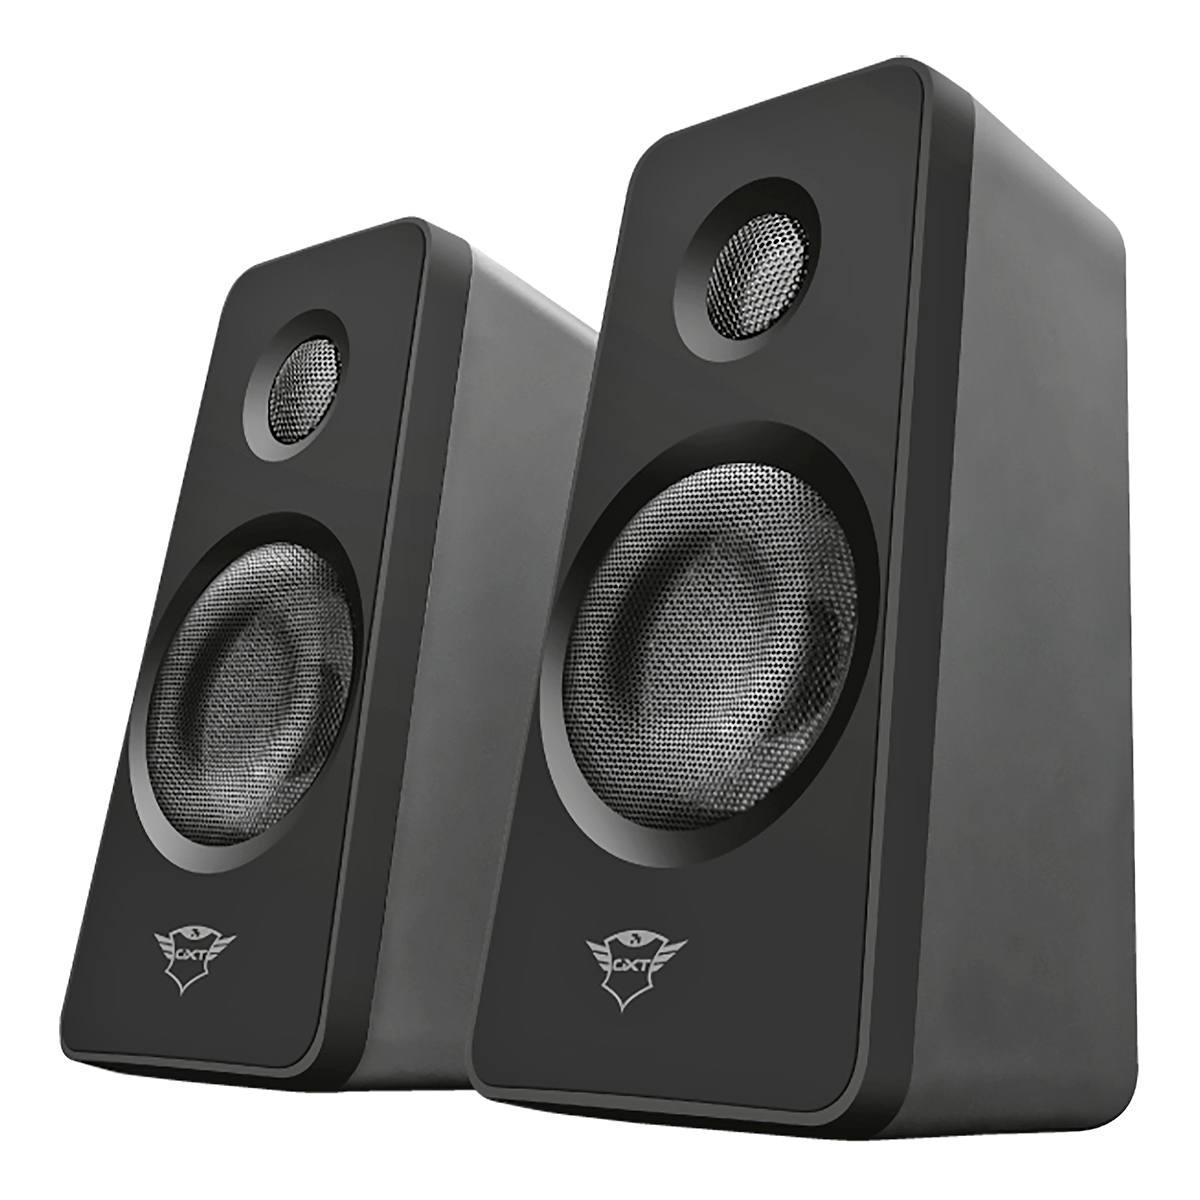 Speaker Set GXT 629 Tytan RGB com Controle Remoto Iluminação RGB Pulsante Caixa de Som 2.1 Trust Intensa e Potente